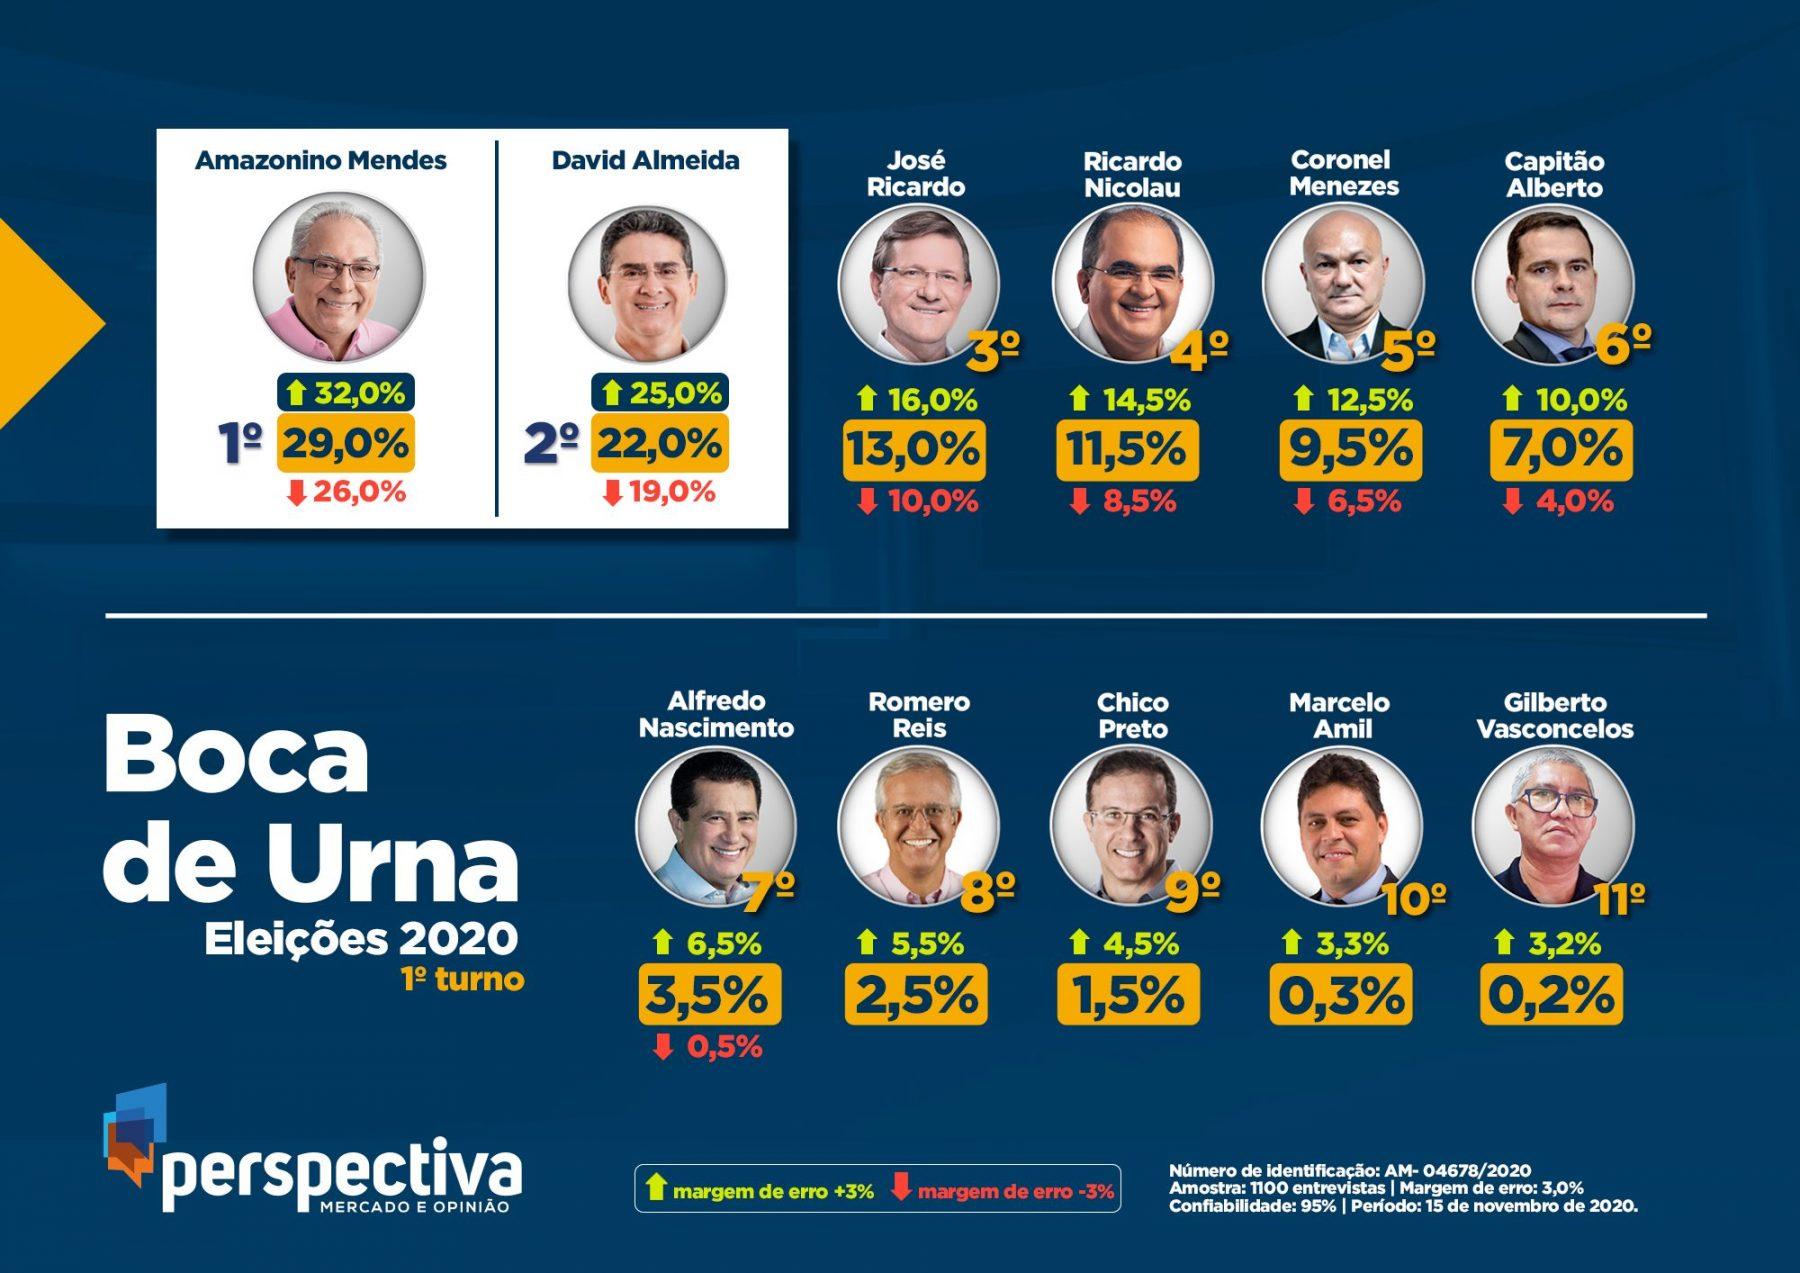 Eleições 2020: Boca de Urna